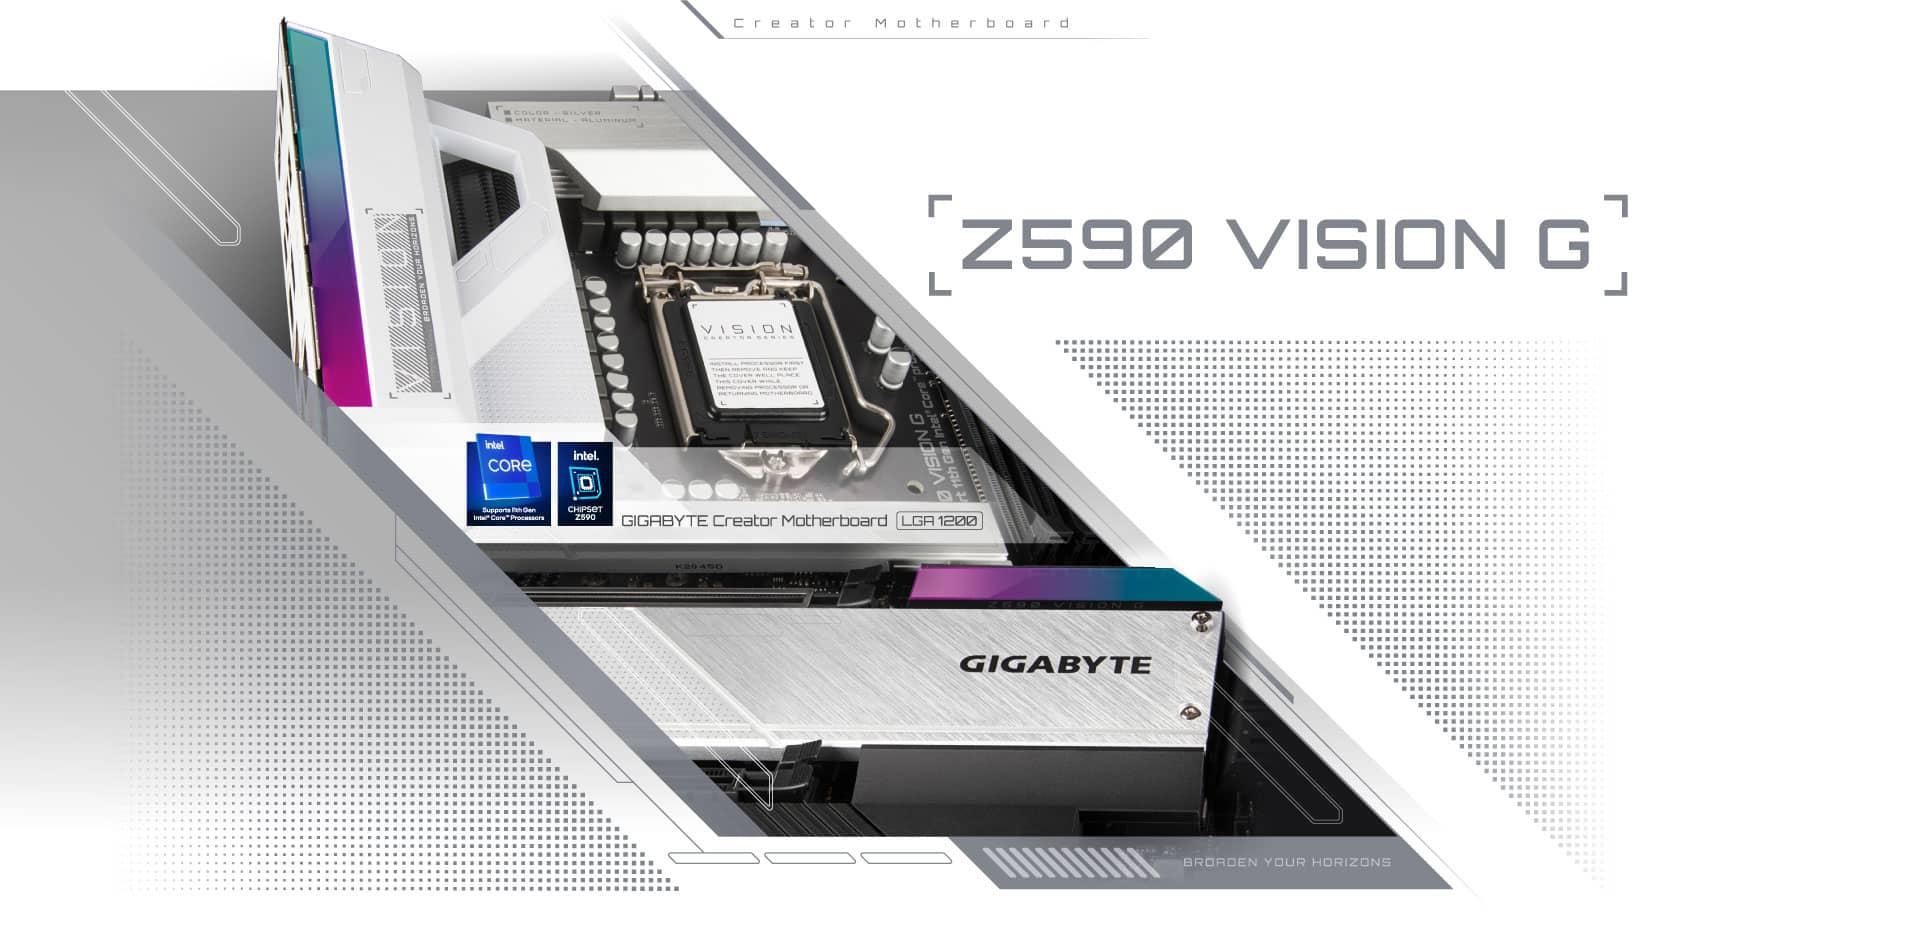 Gigabyte Z590 Vision G Design Promo Illustration